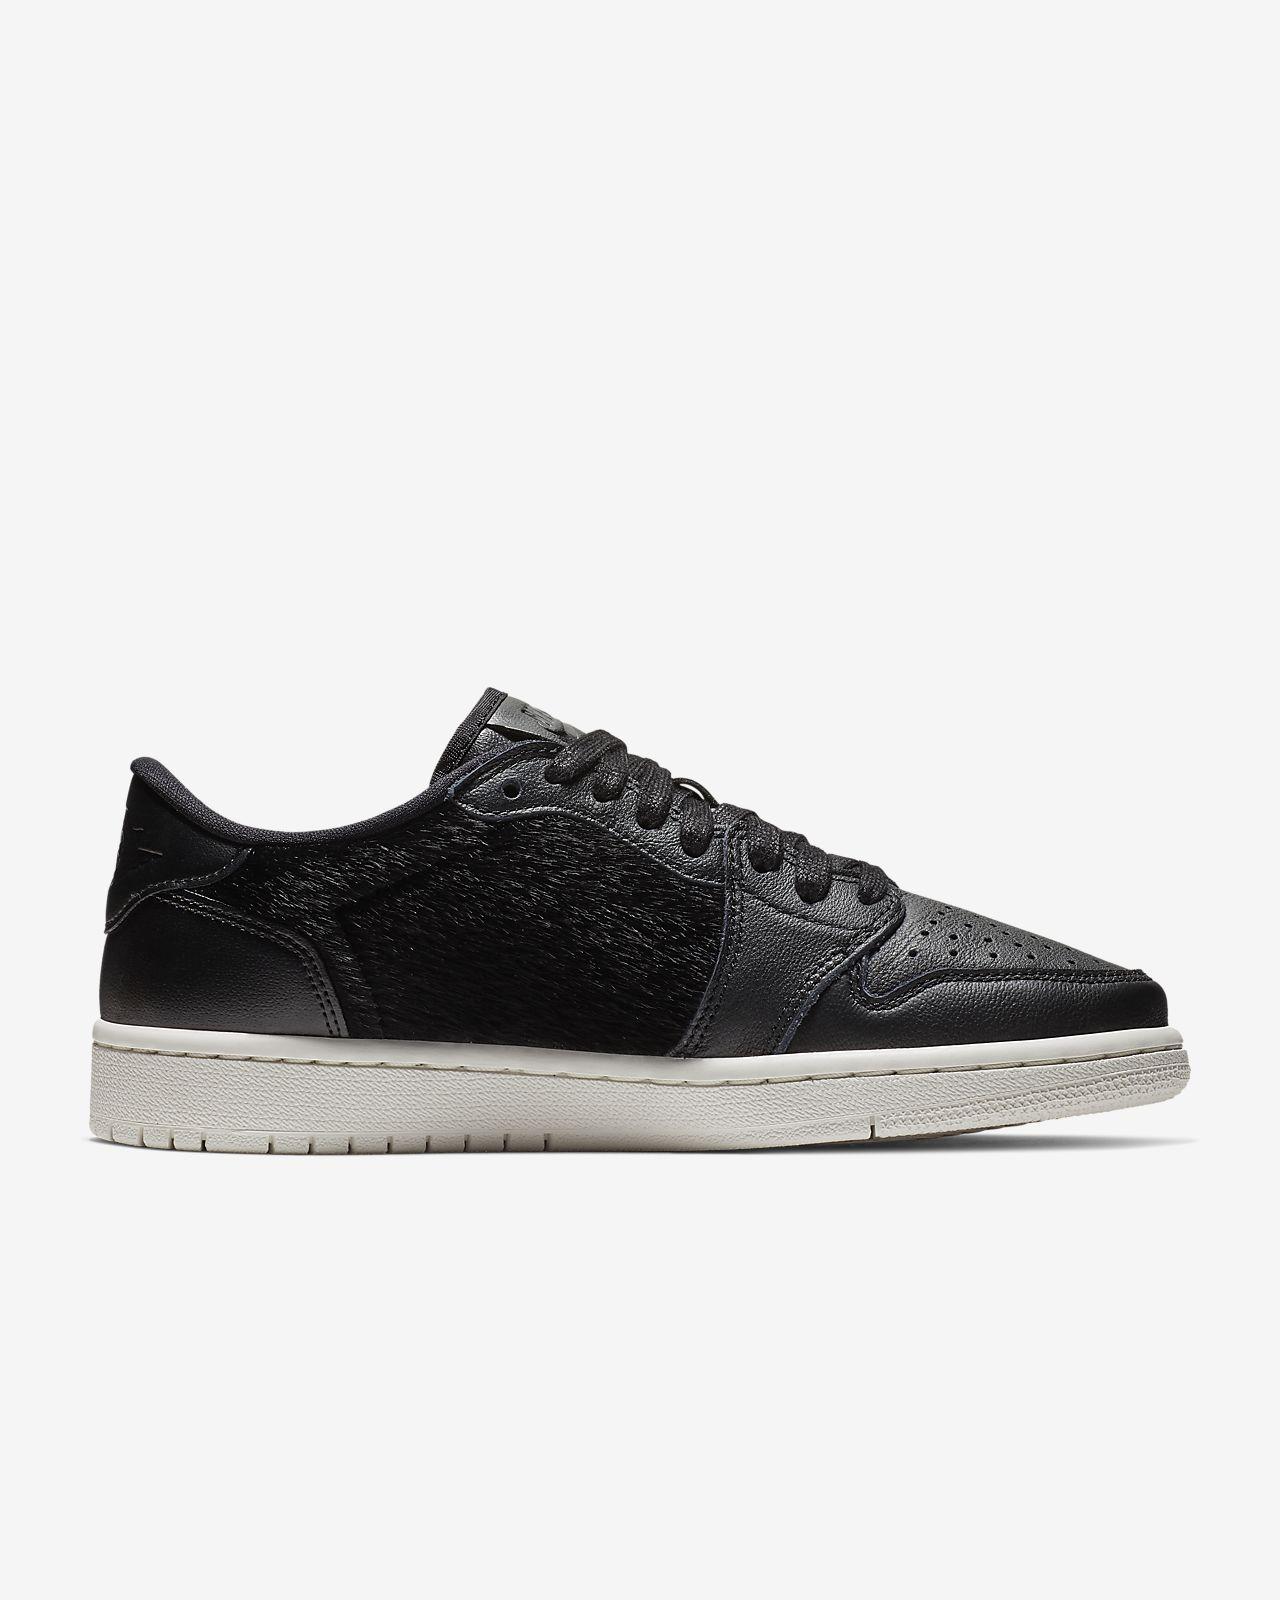 Dámská bota Air Jordan 1 Retro Low NS. Nike.com CZ 032c0666e9